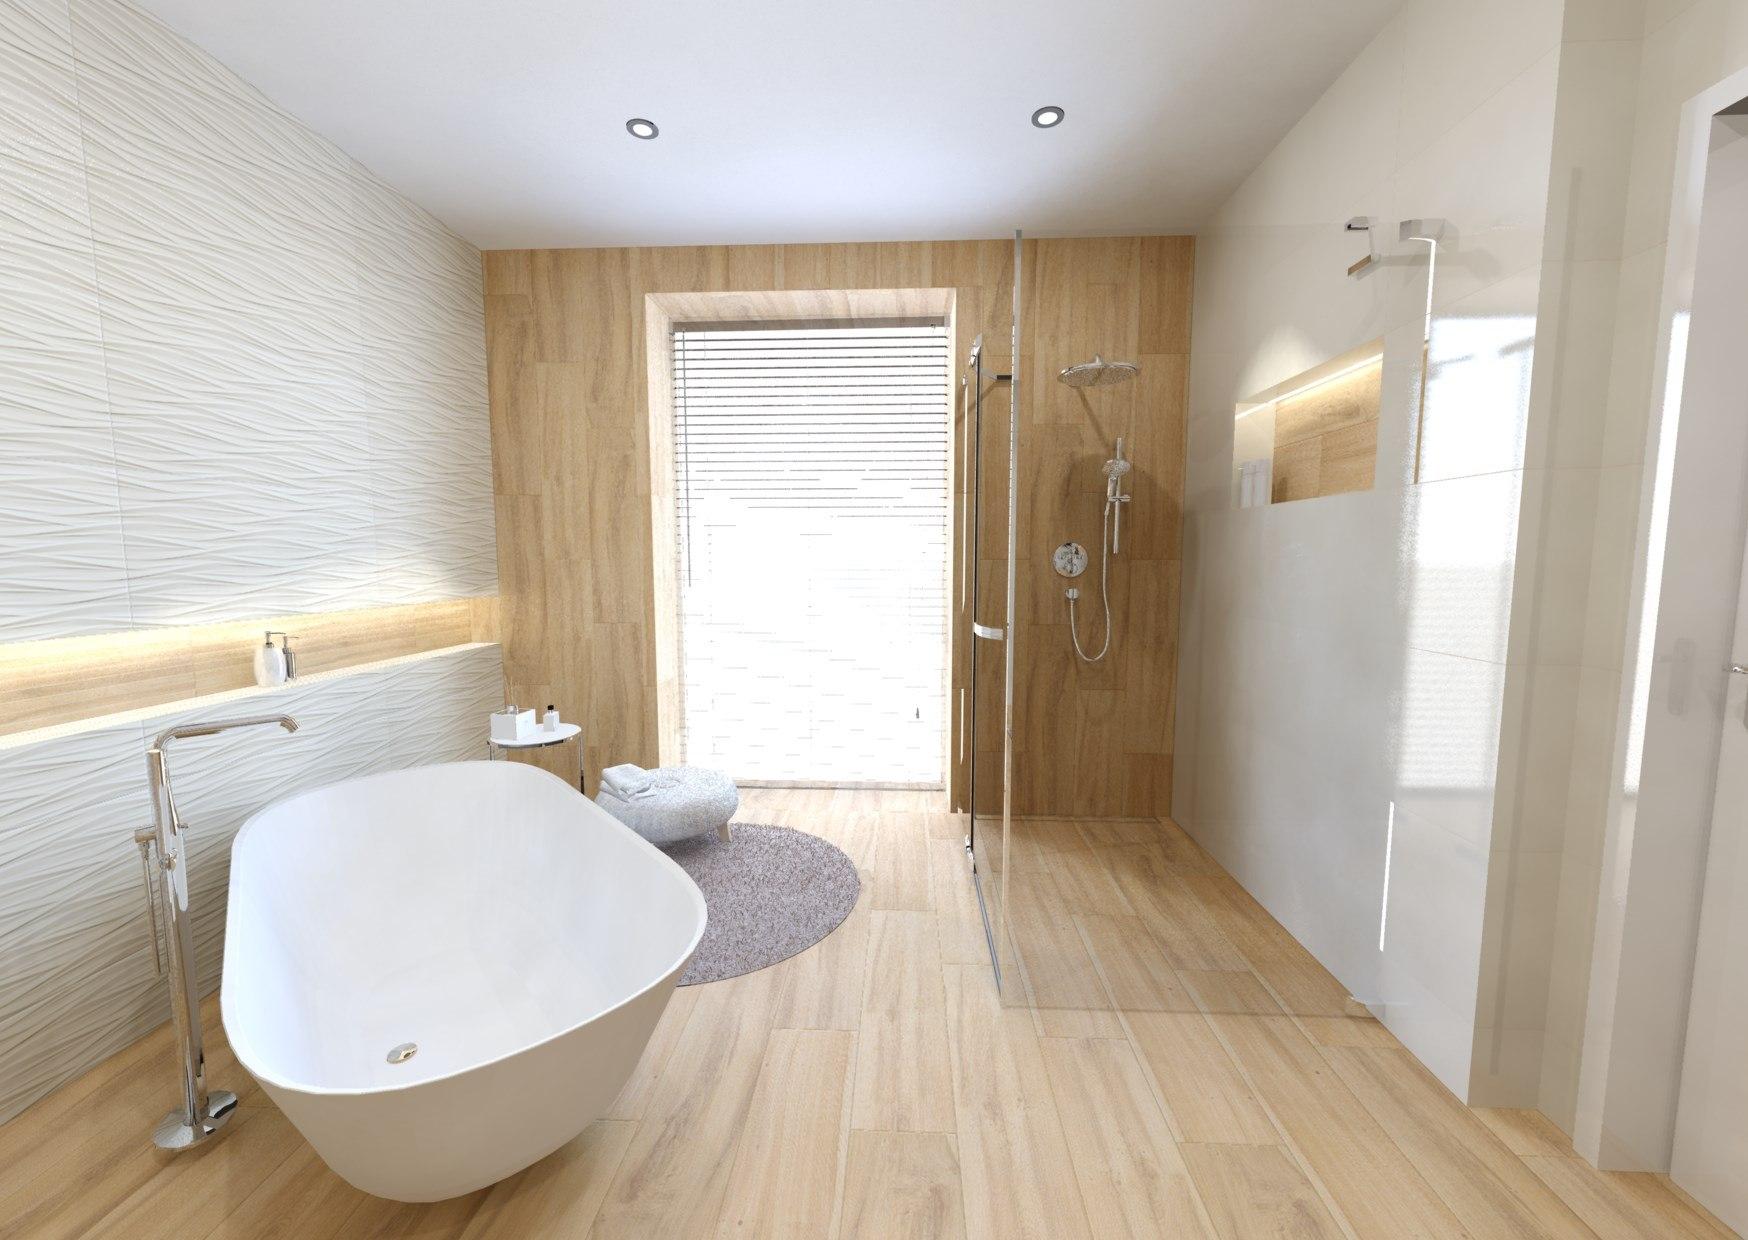 Návrh koupelny v teplých barvách dřeva